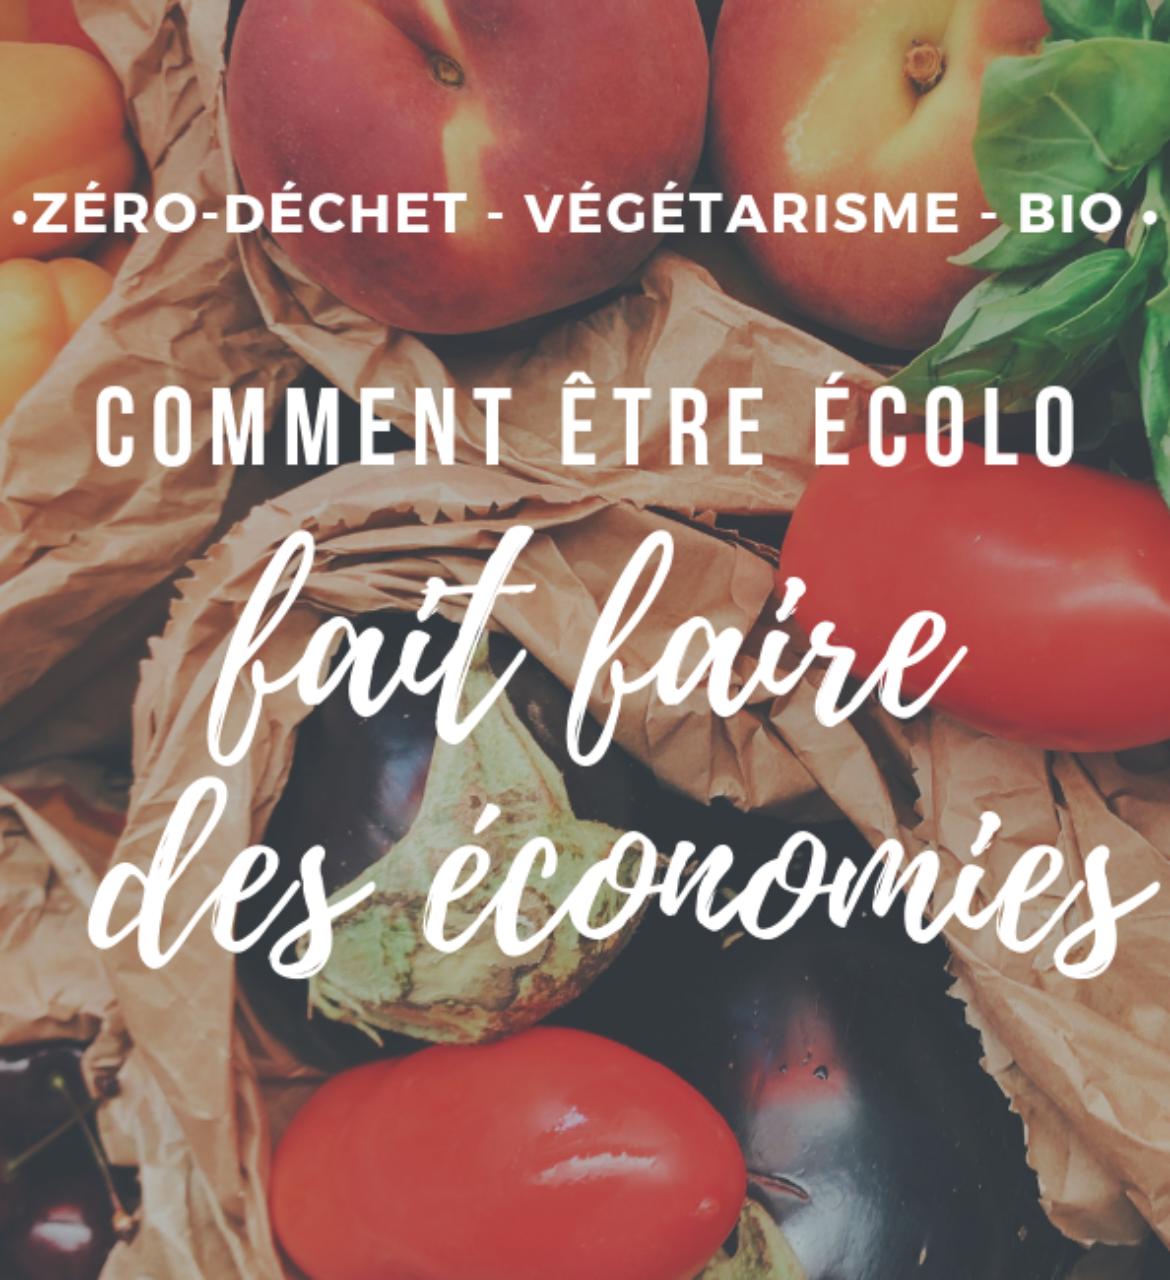 Mode de vie zéro-déchet, végétarien, fait-maison, 100% bio ou comment être écolo fait faire des économies